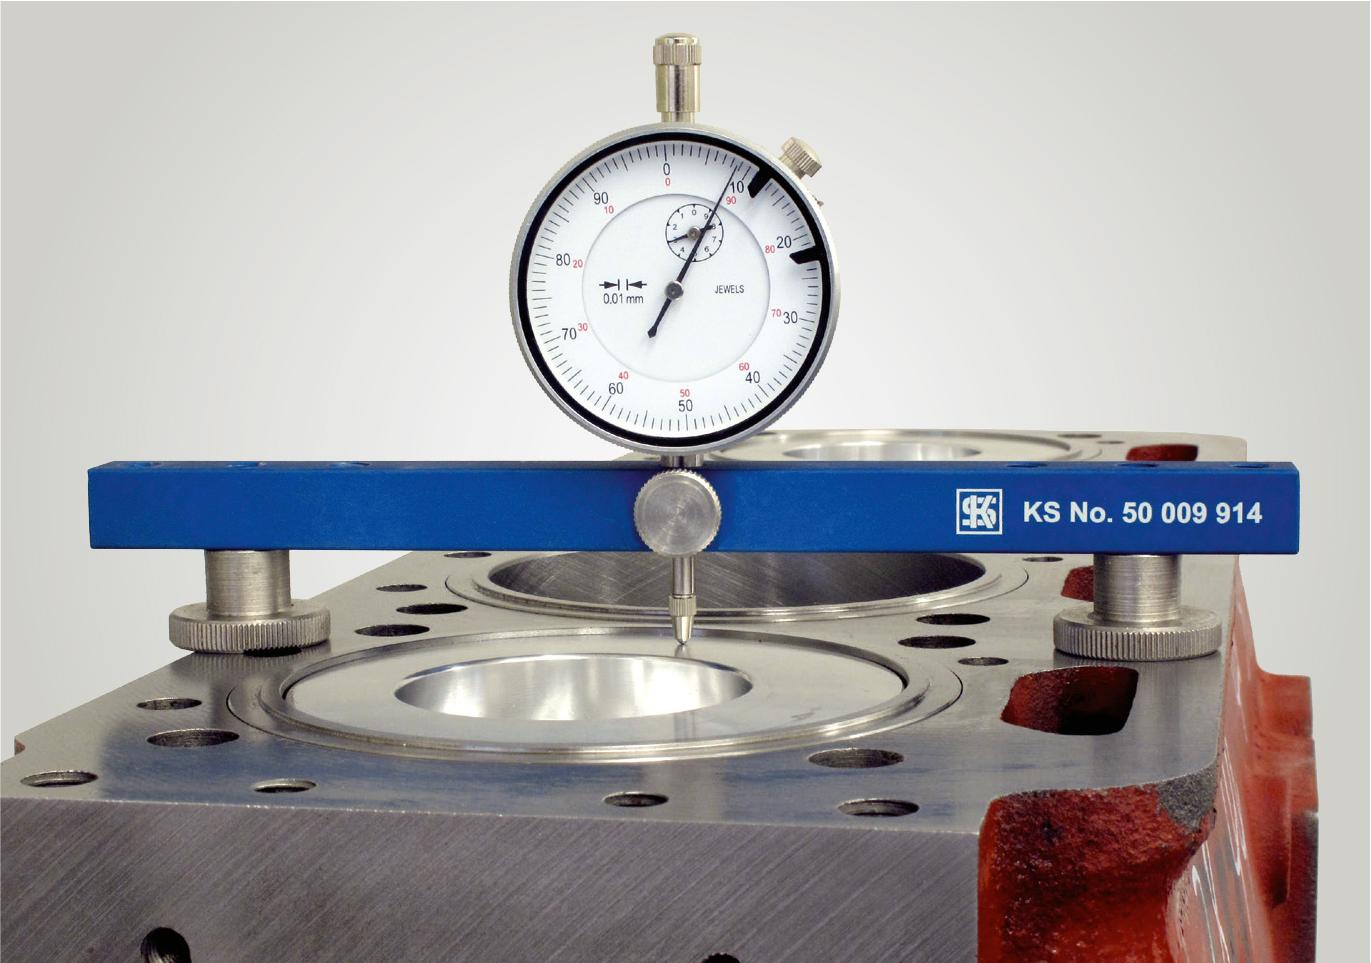 Pont de mesure pour la réparation de moteurs